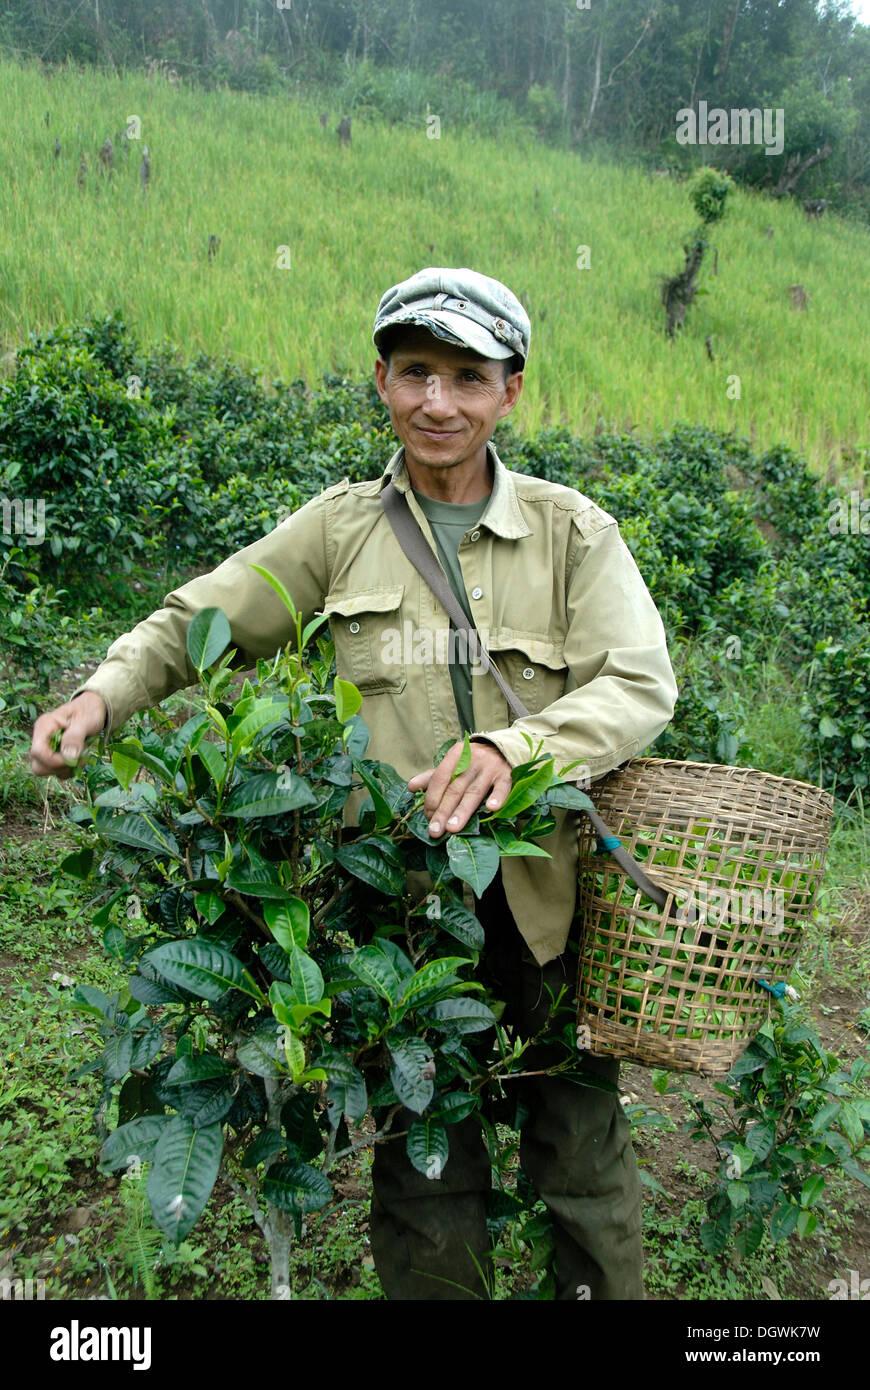 Cosecha de té, un hombre de la etnia Phunoy recogiendo hojas de té en una canasta, en Ban Sailom, distrito y provincia de Phongsali, Laos Imagen De Stock